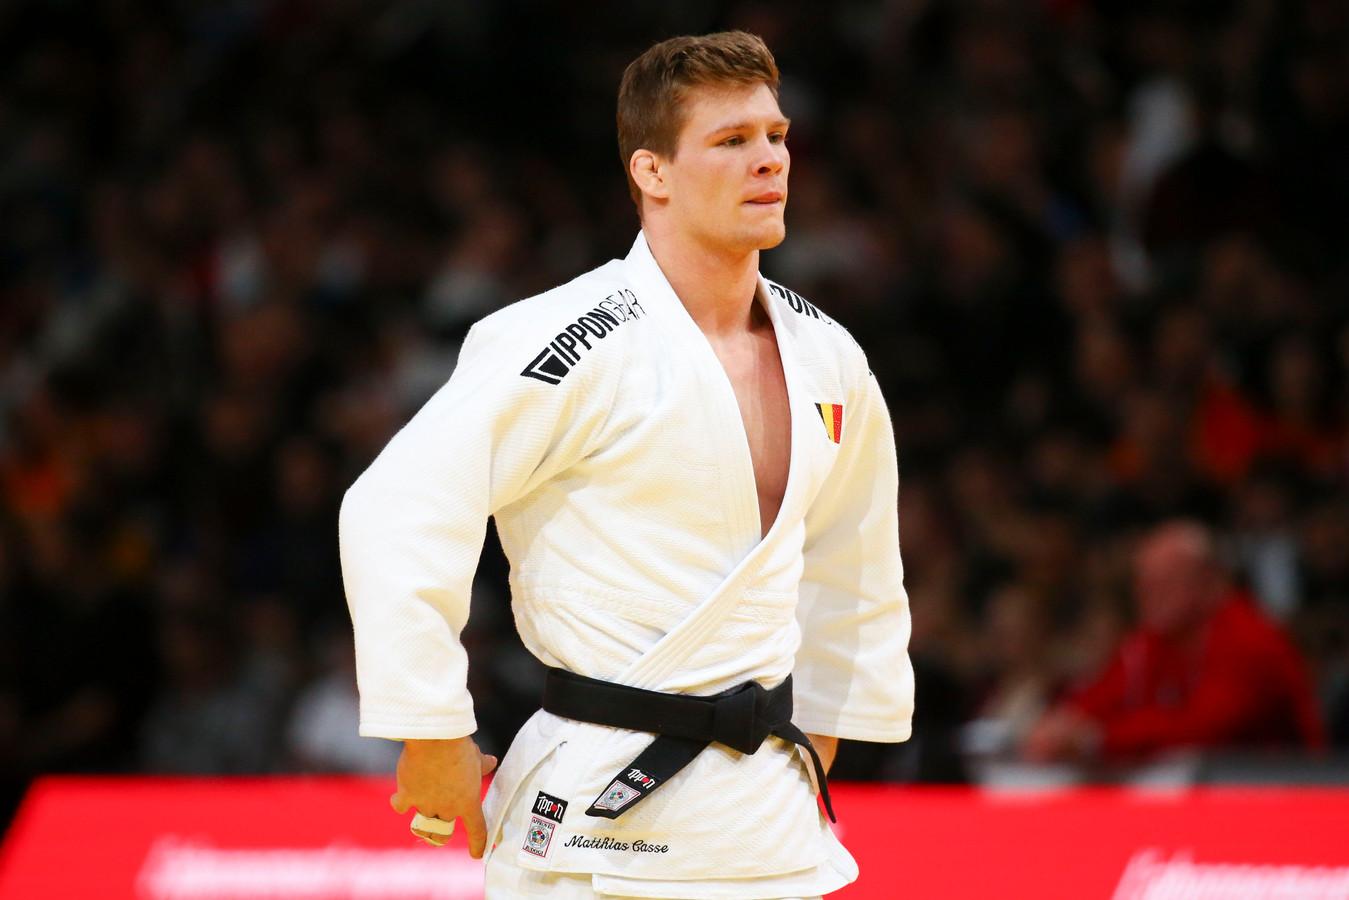 Première victoire en Grand Chelem pour le jeune judoka belge.